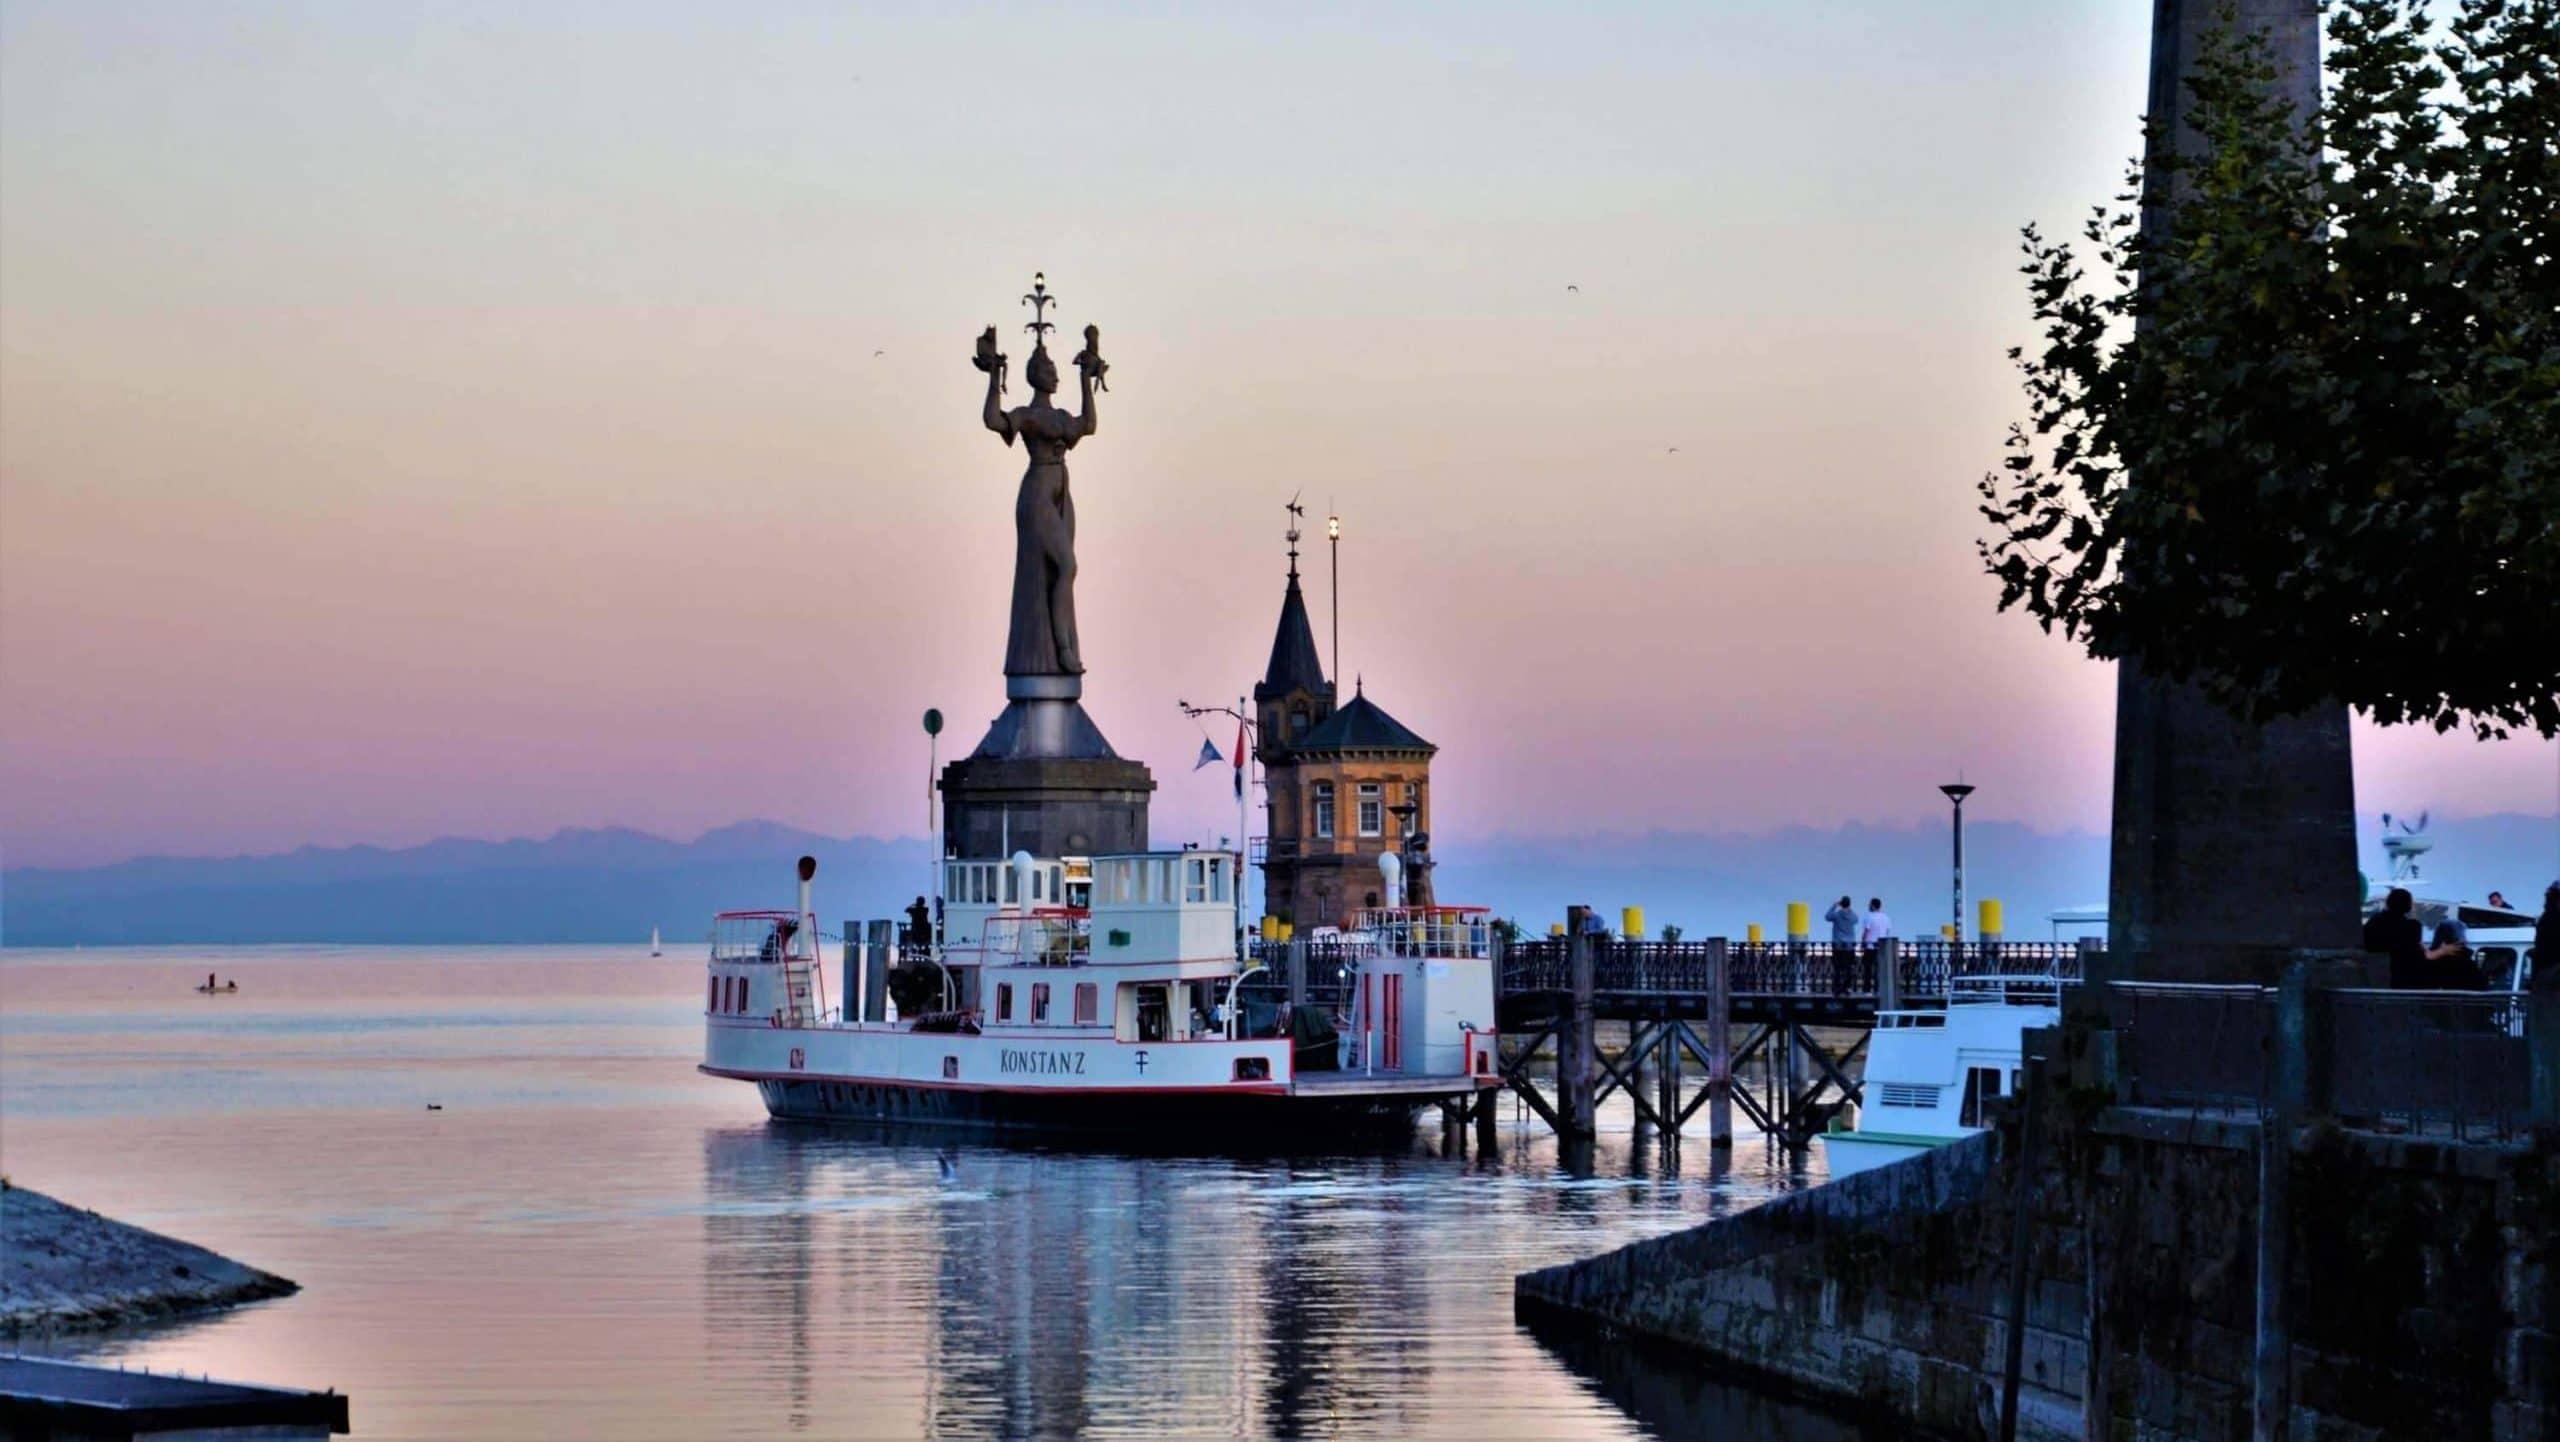 Hafen Konstanz